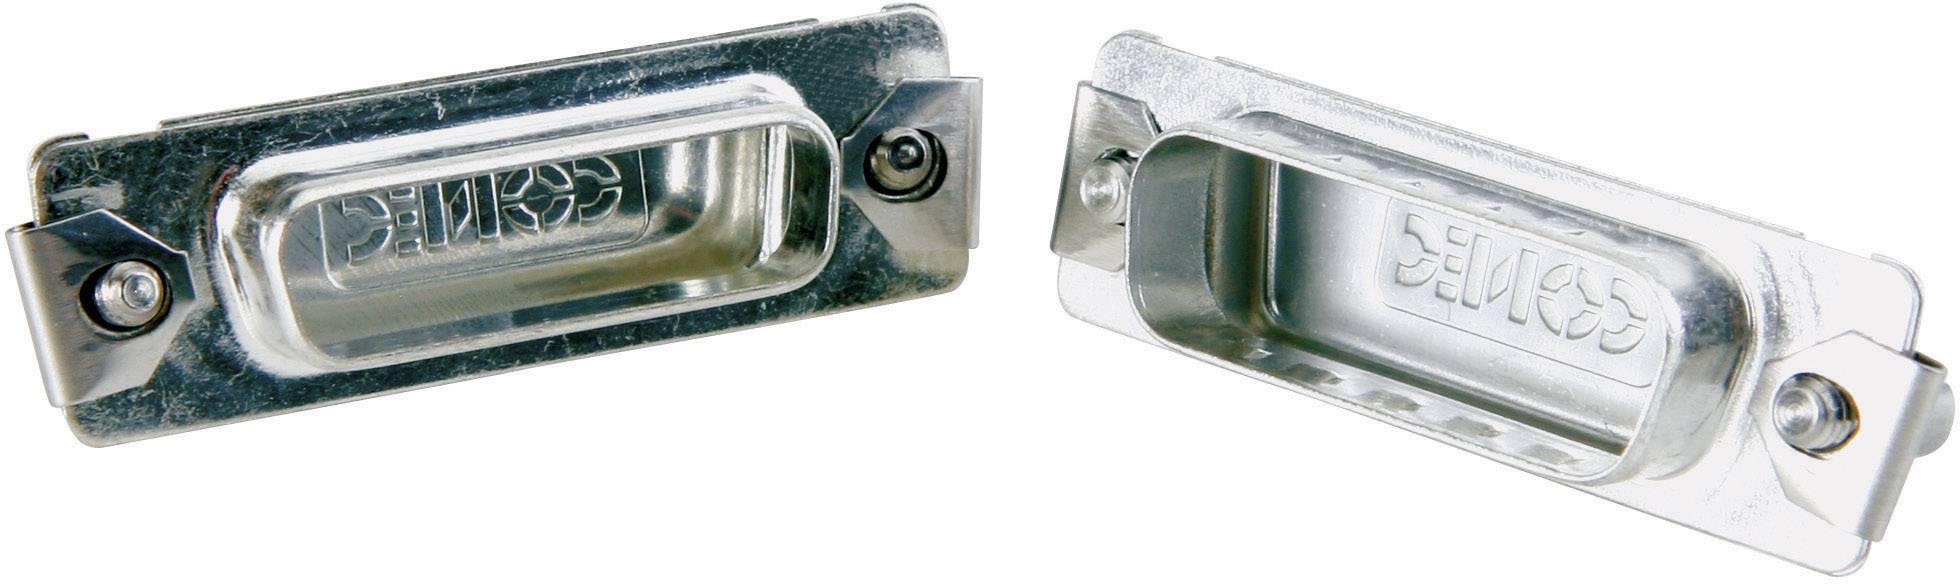 Záslepka D-SUB konektoru pro D-SUB kolíková lišta 9pólová Conec 165X16769X, 165X16769X, stříbrná, 1 ks